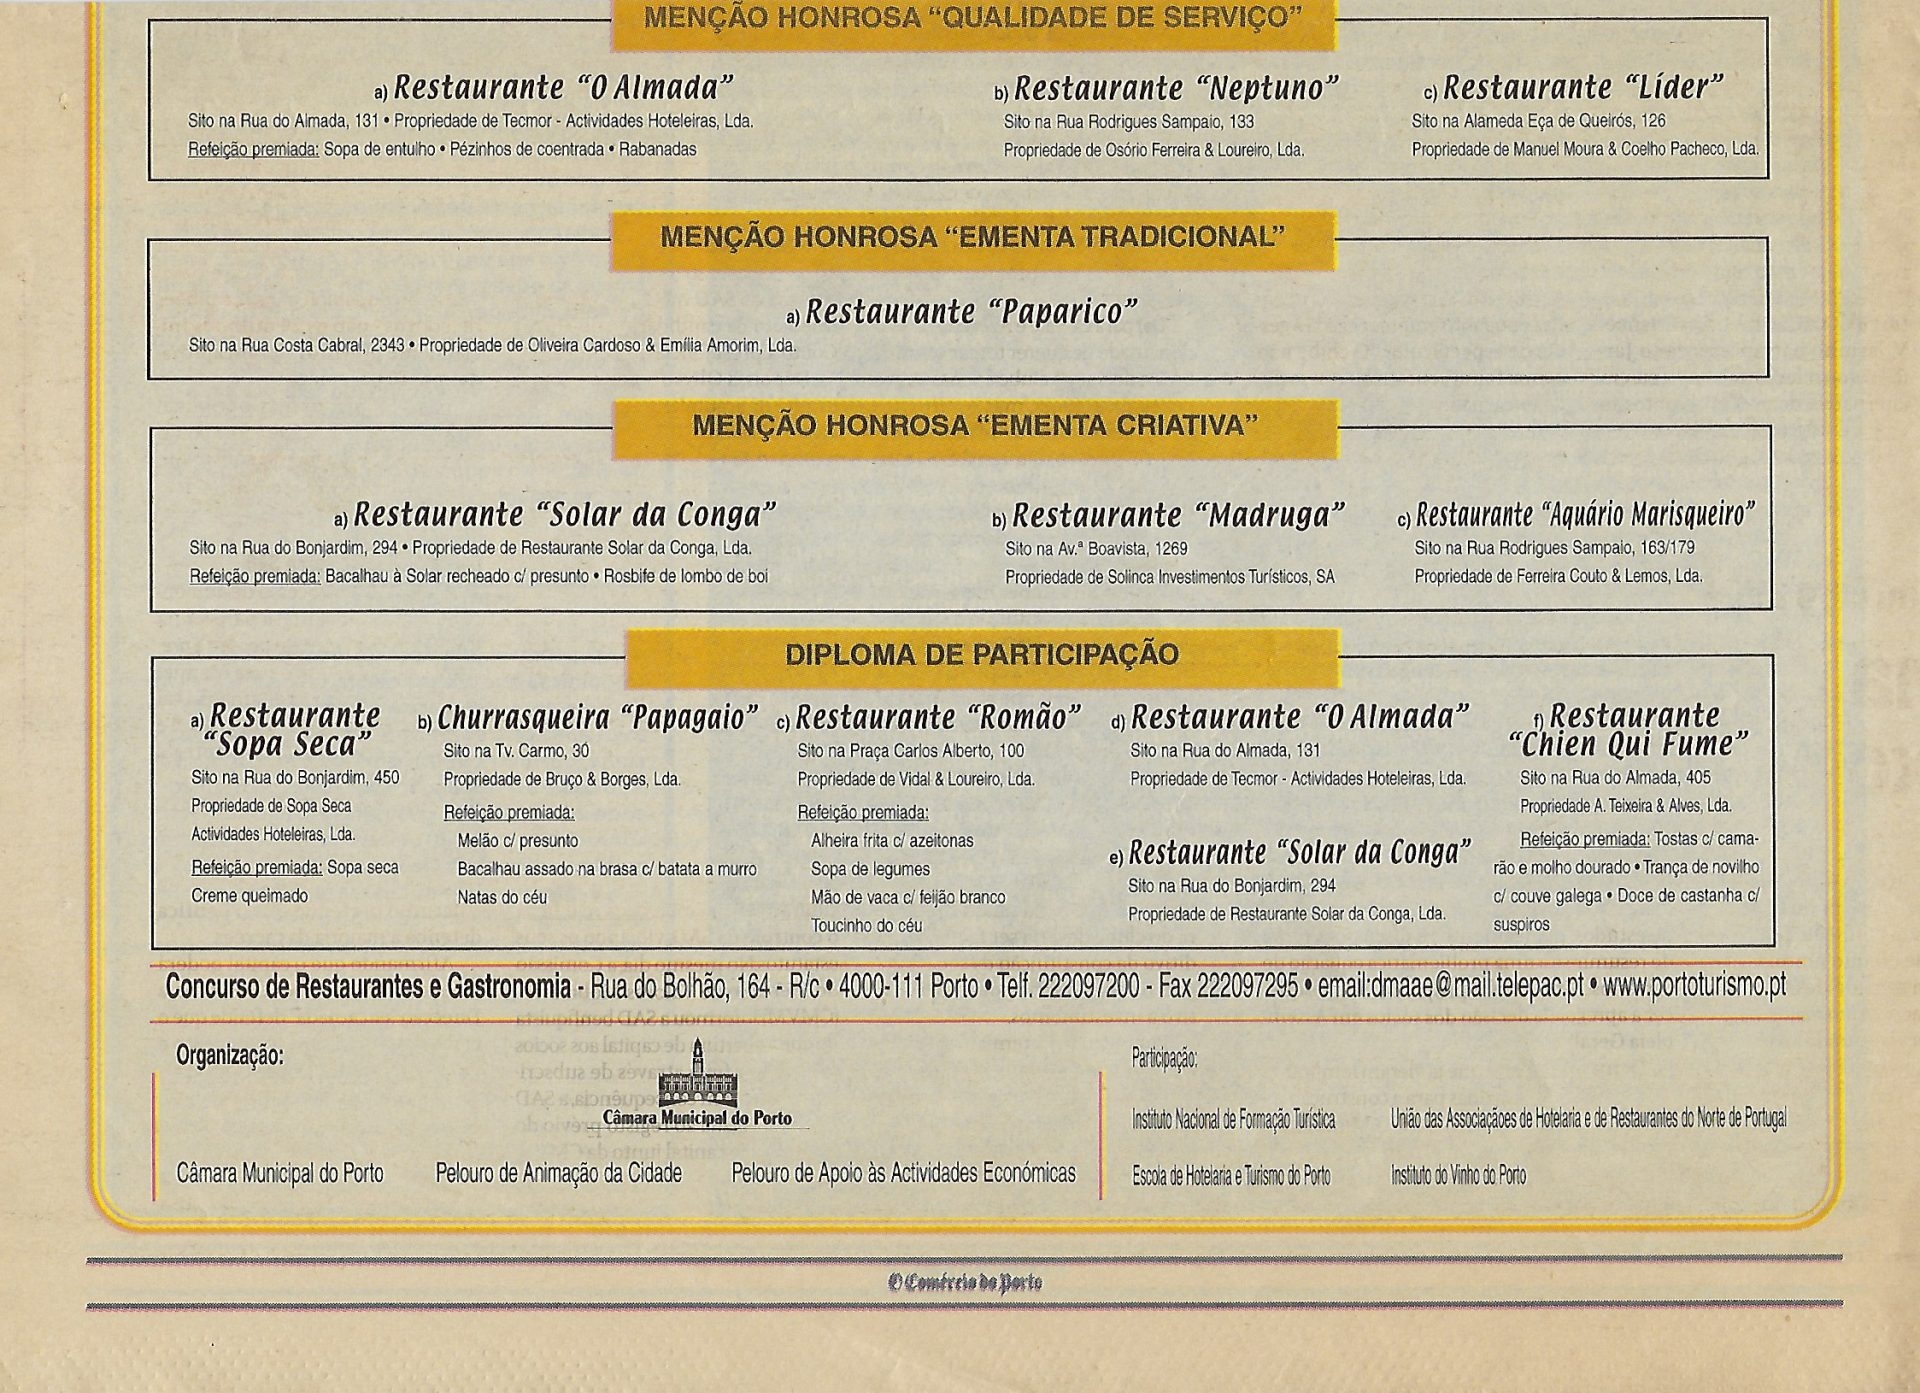 Concurso Gastronómico – Lista de classificação final